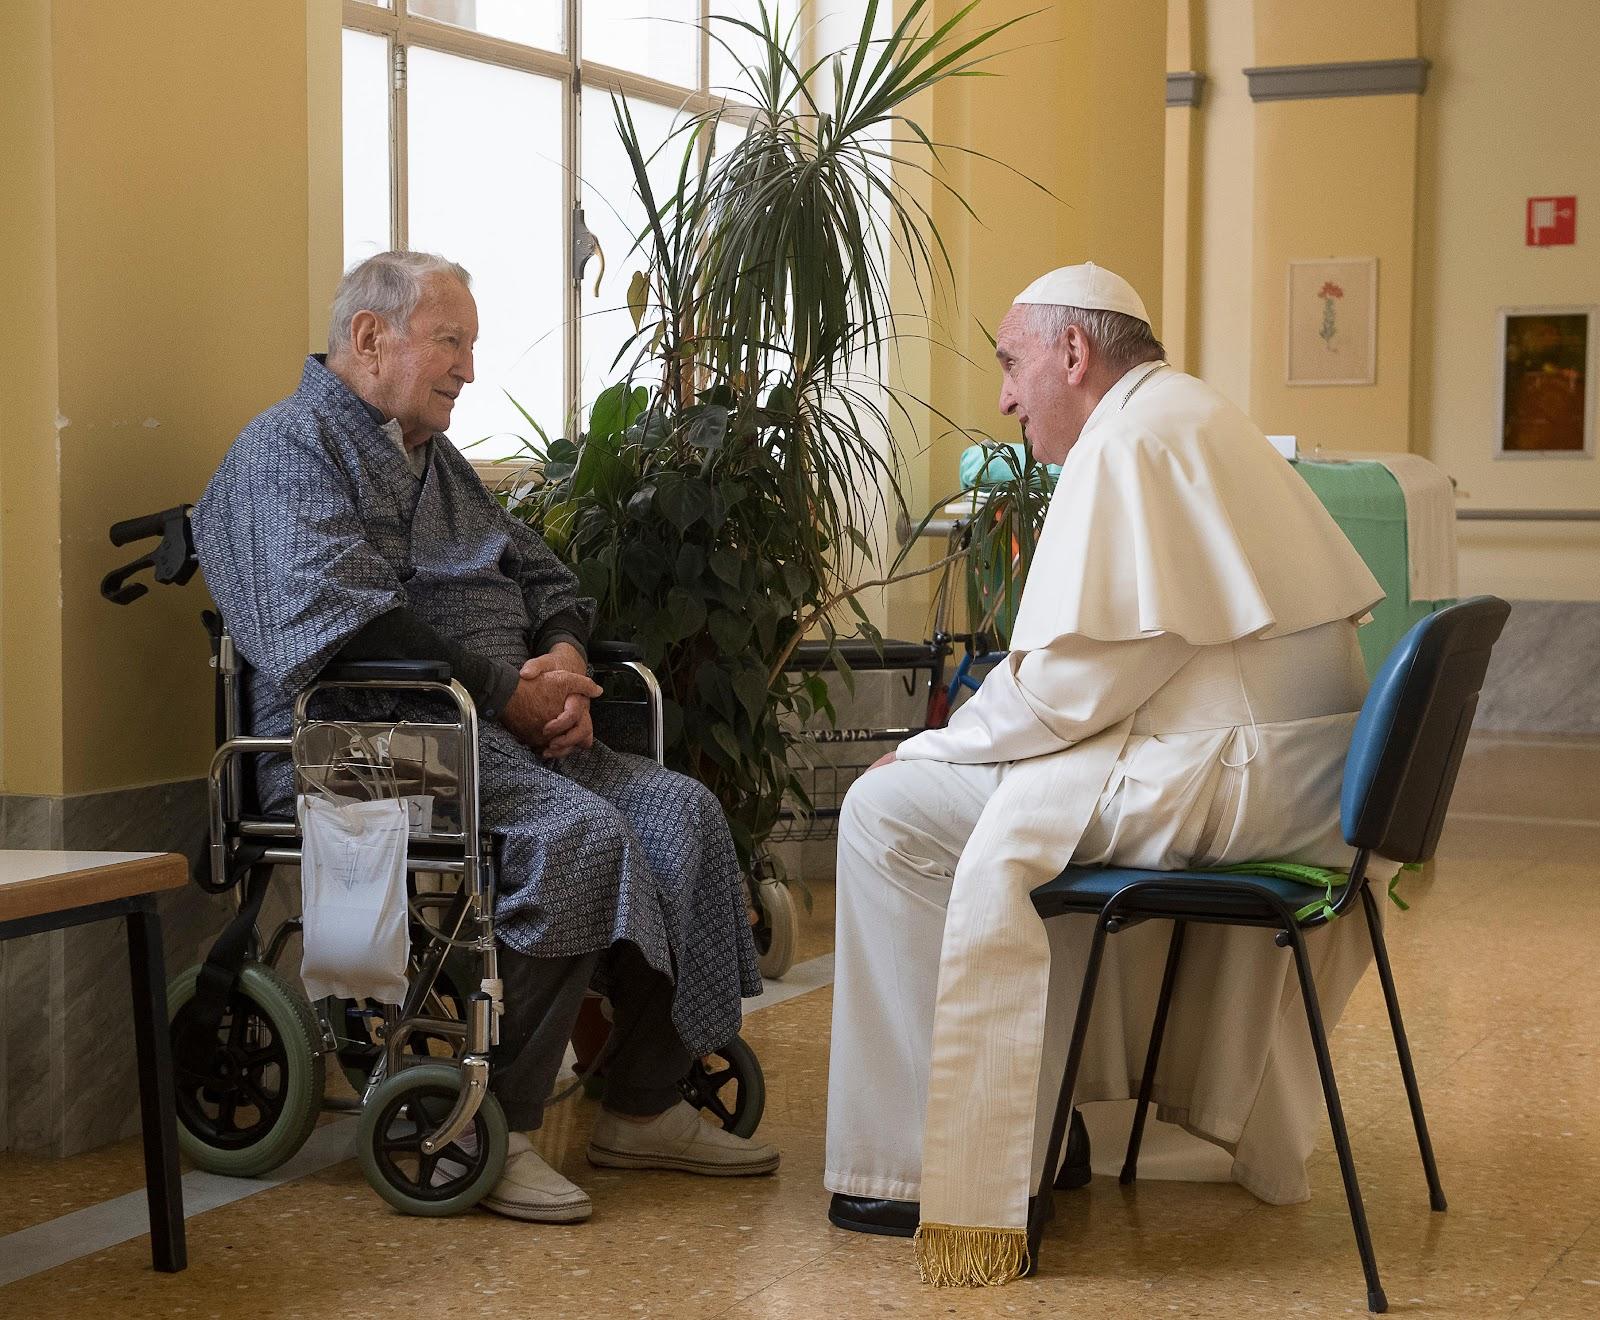 Diễn từ của Đức Thánh Cha trước Liên đoàn các Thành viên Bác sĩ và Bác sĩ Nha khoa Quốc gia